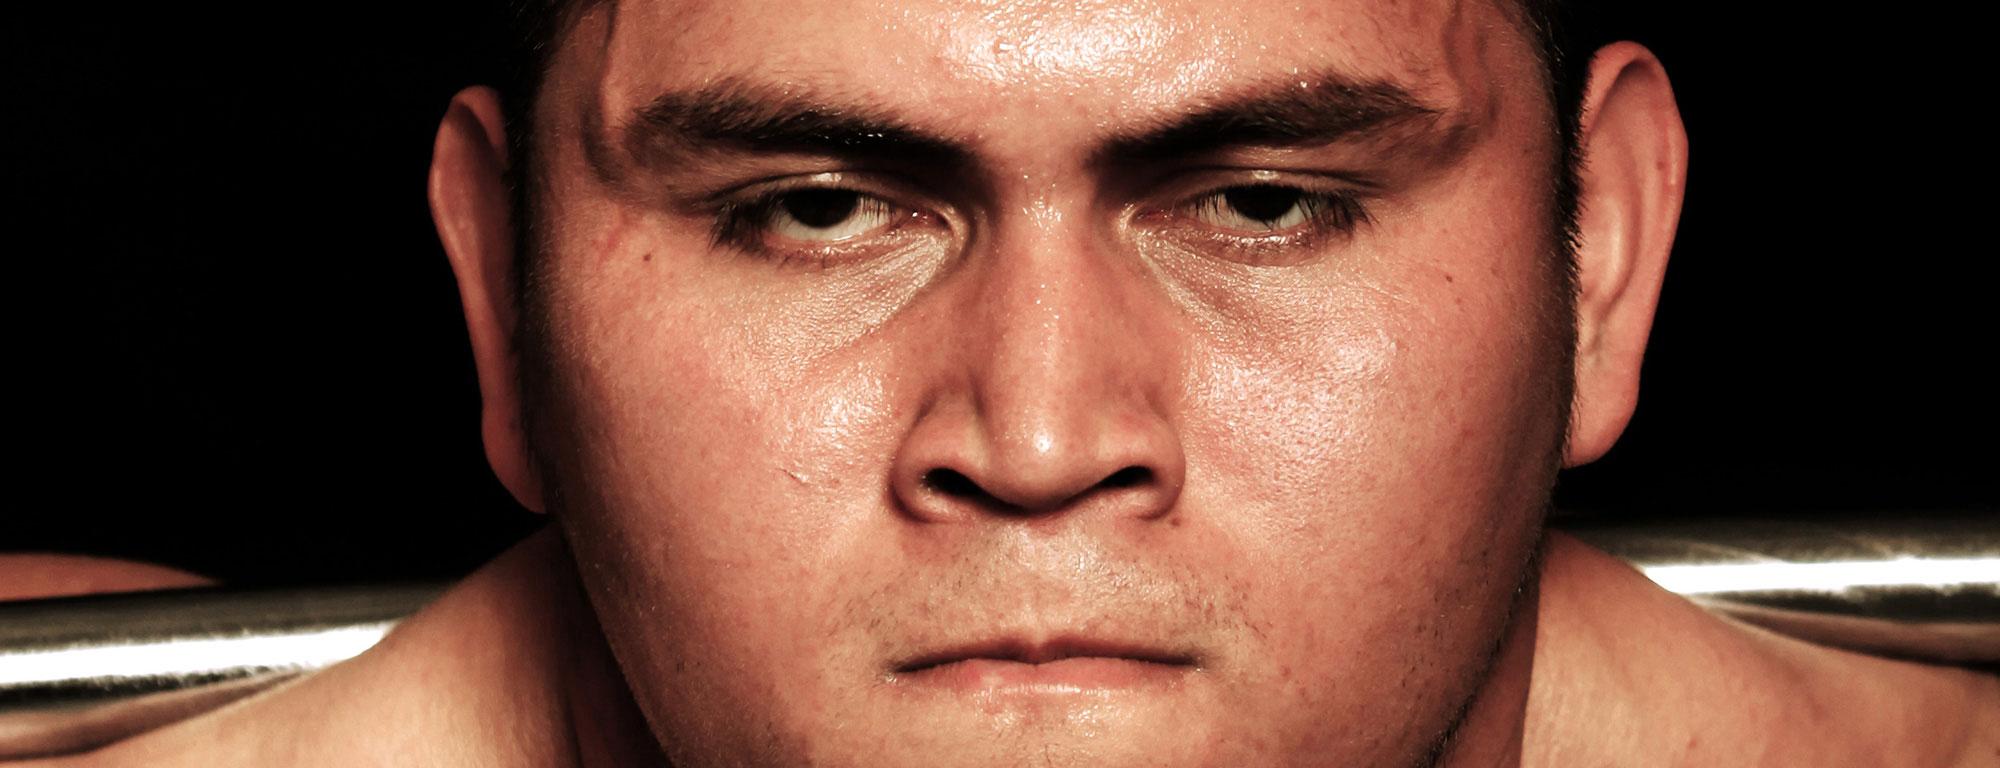 Los rostros del esfuerzo físico